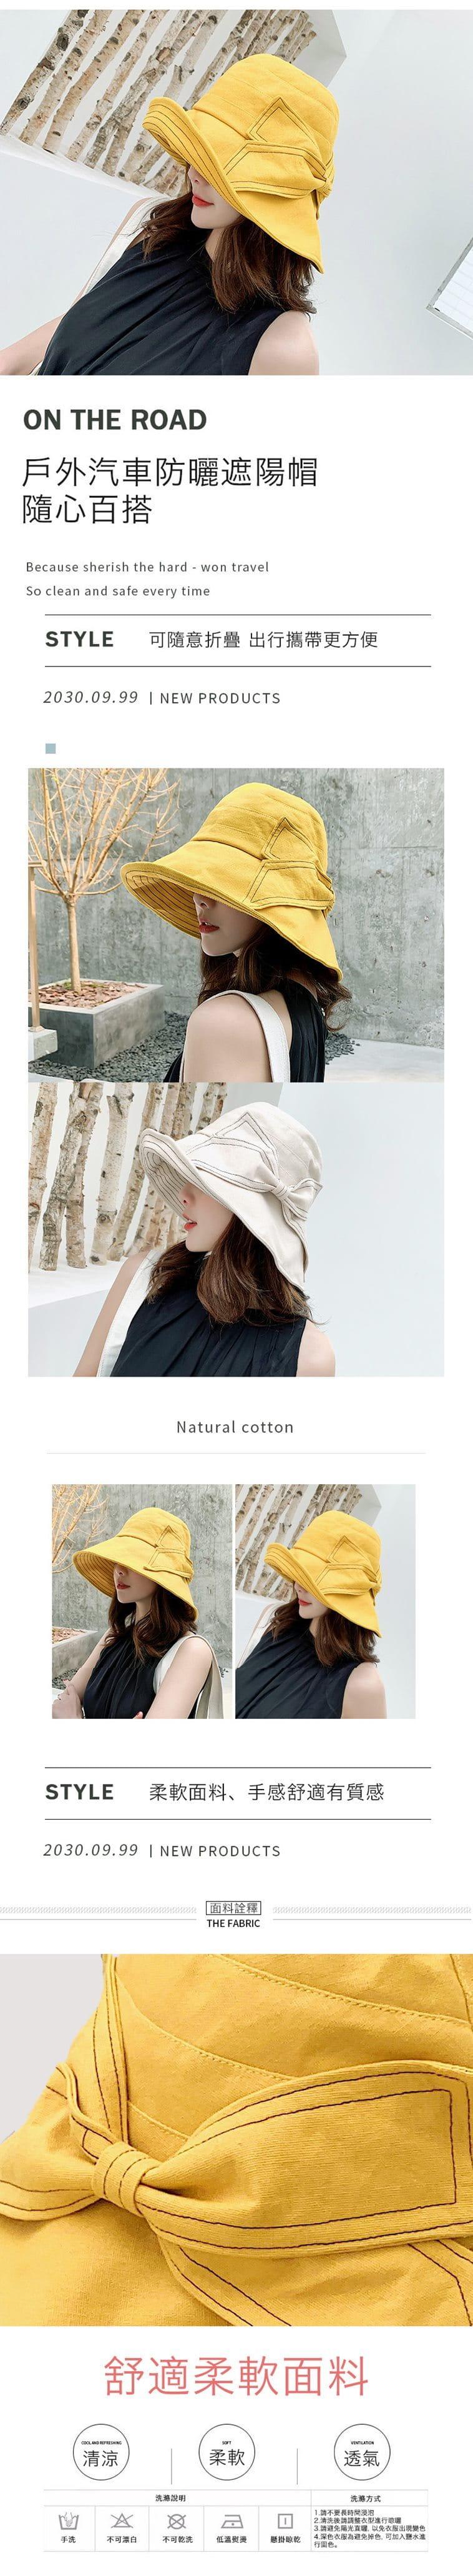 防曬護臉透氣折疊遮陽帽 1